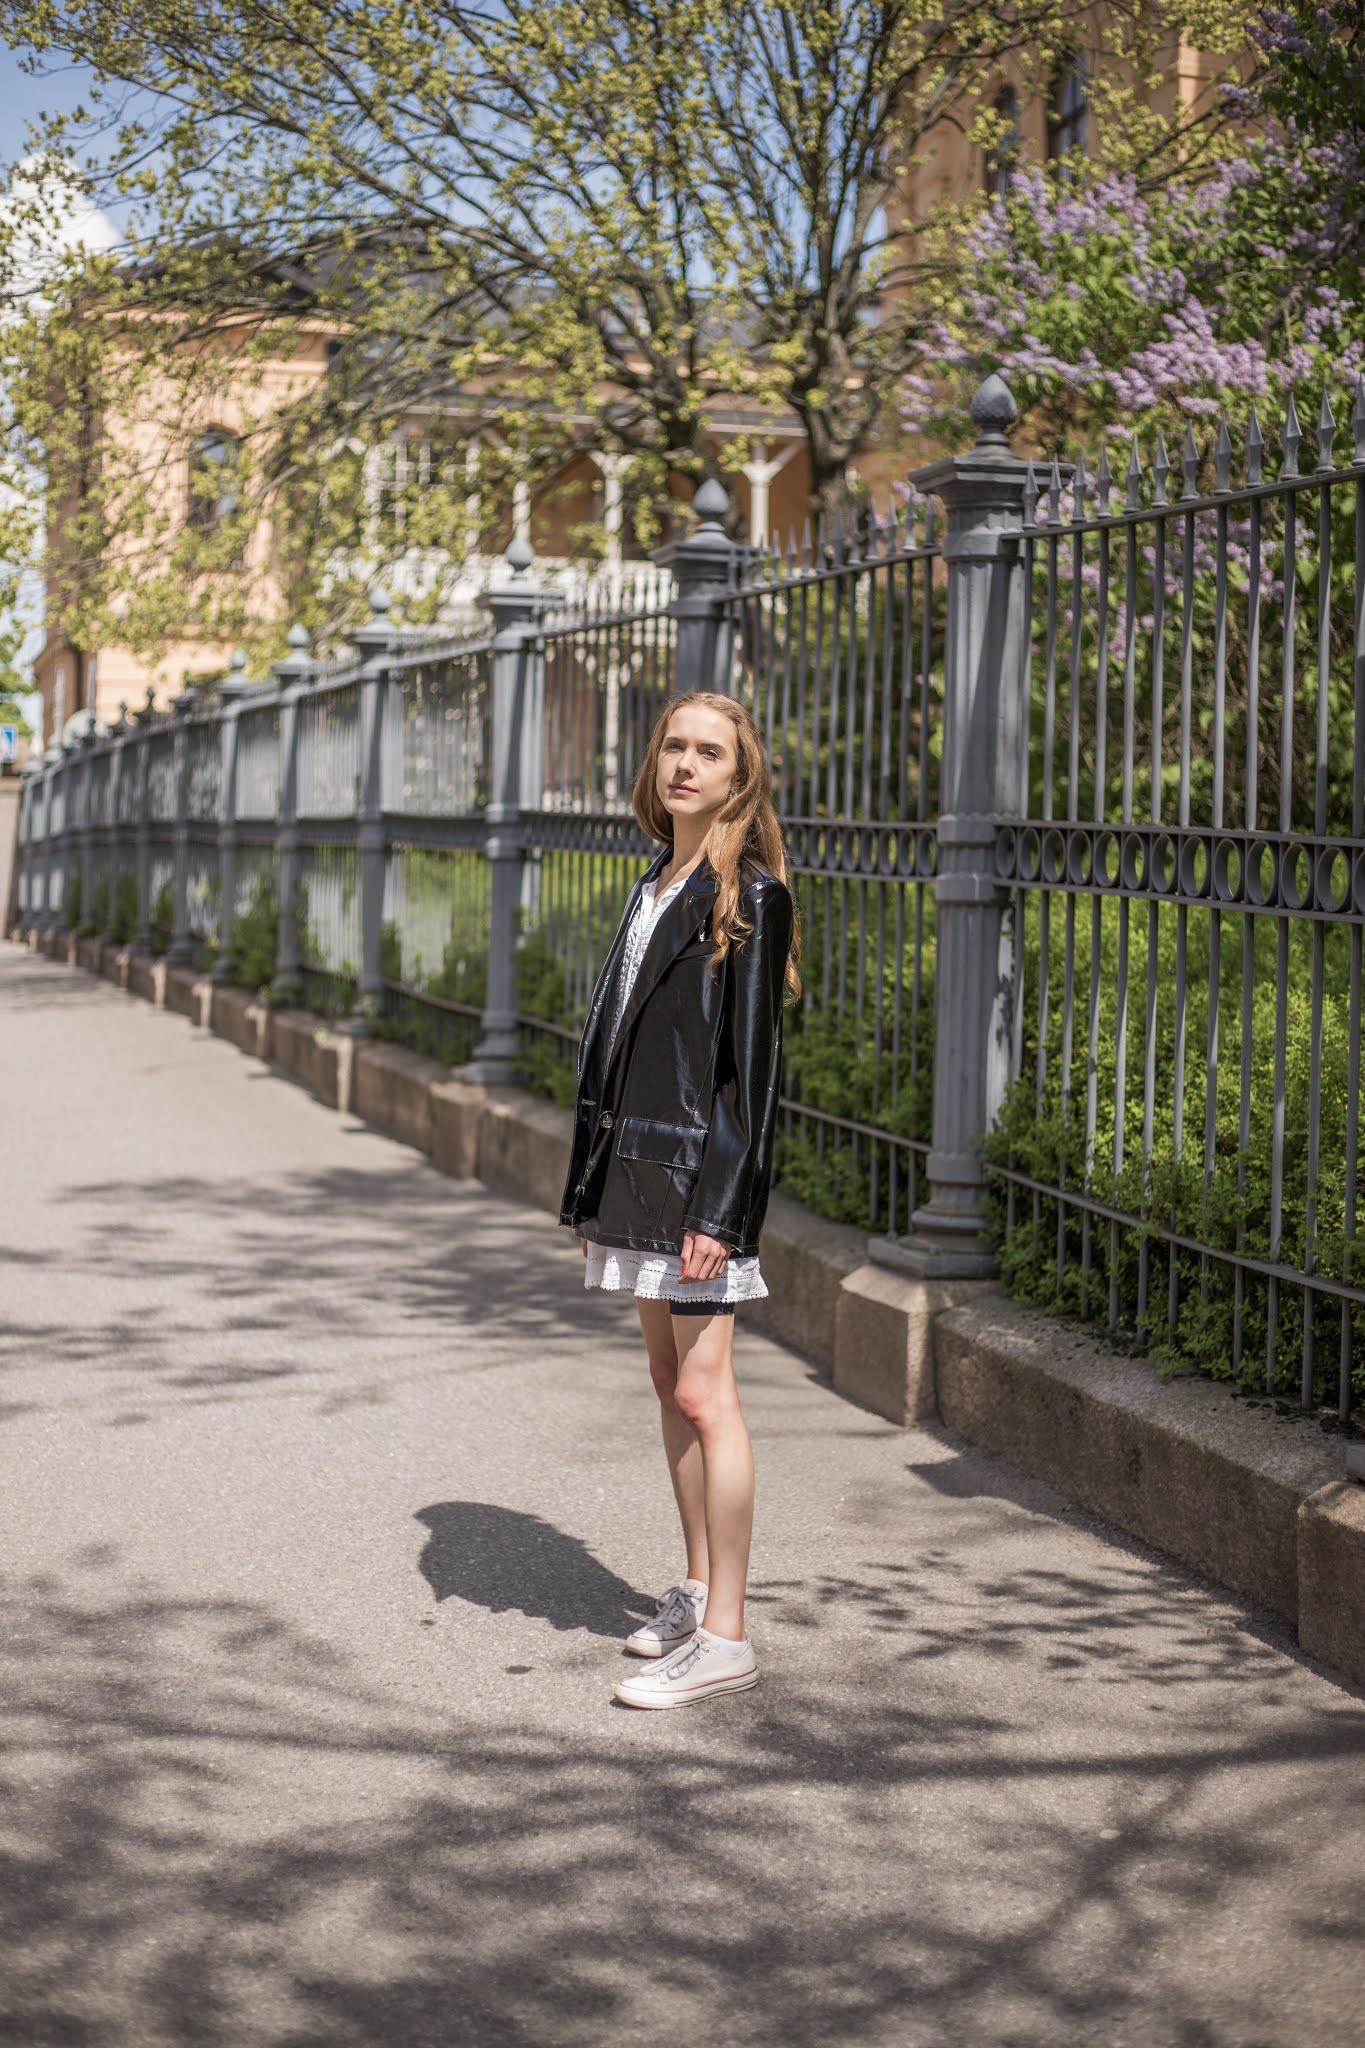 Valkoinen kesämekko ja musta tekonahkainen bleiseri // White summer dress and black faux leather blazer